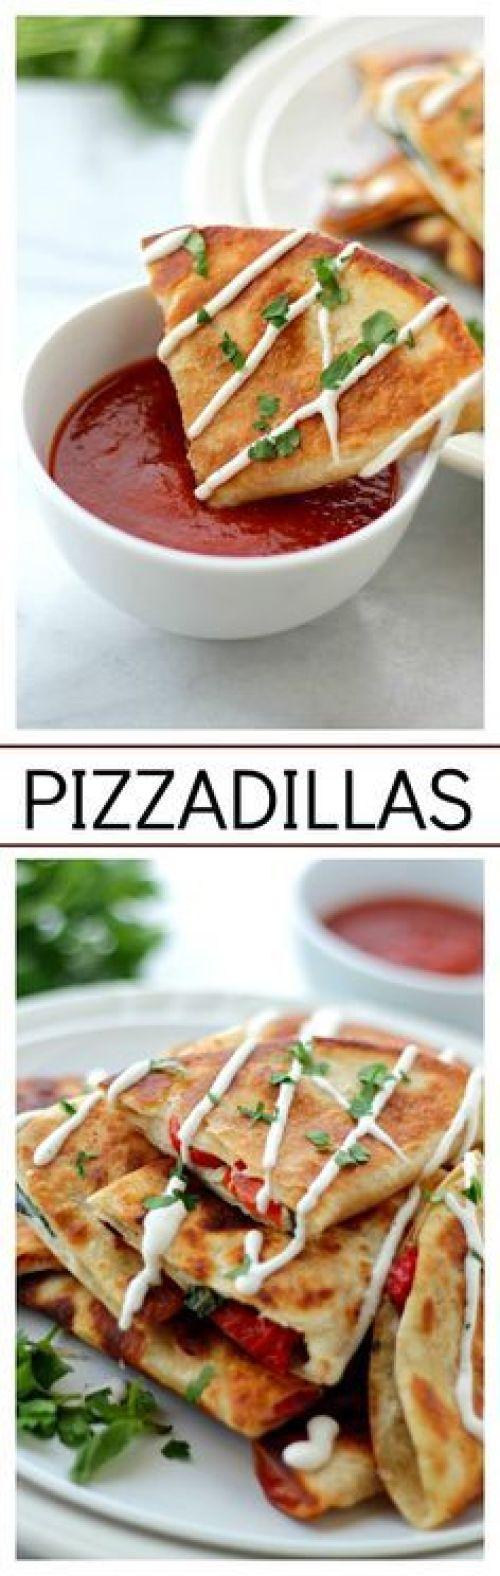 Quick Dinner Ideas - Pizzadillas Recipe via Diethood